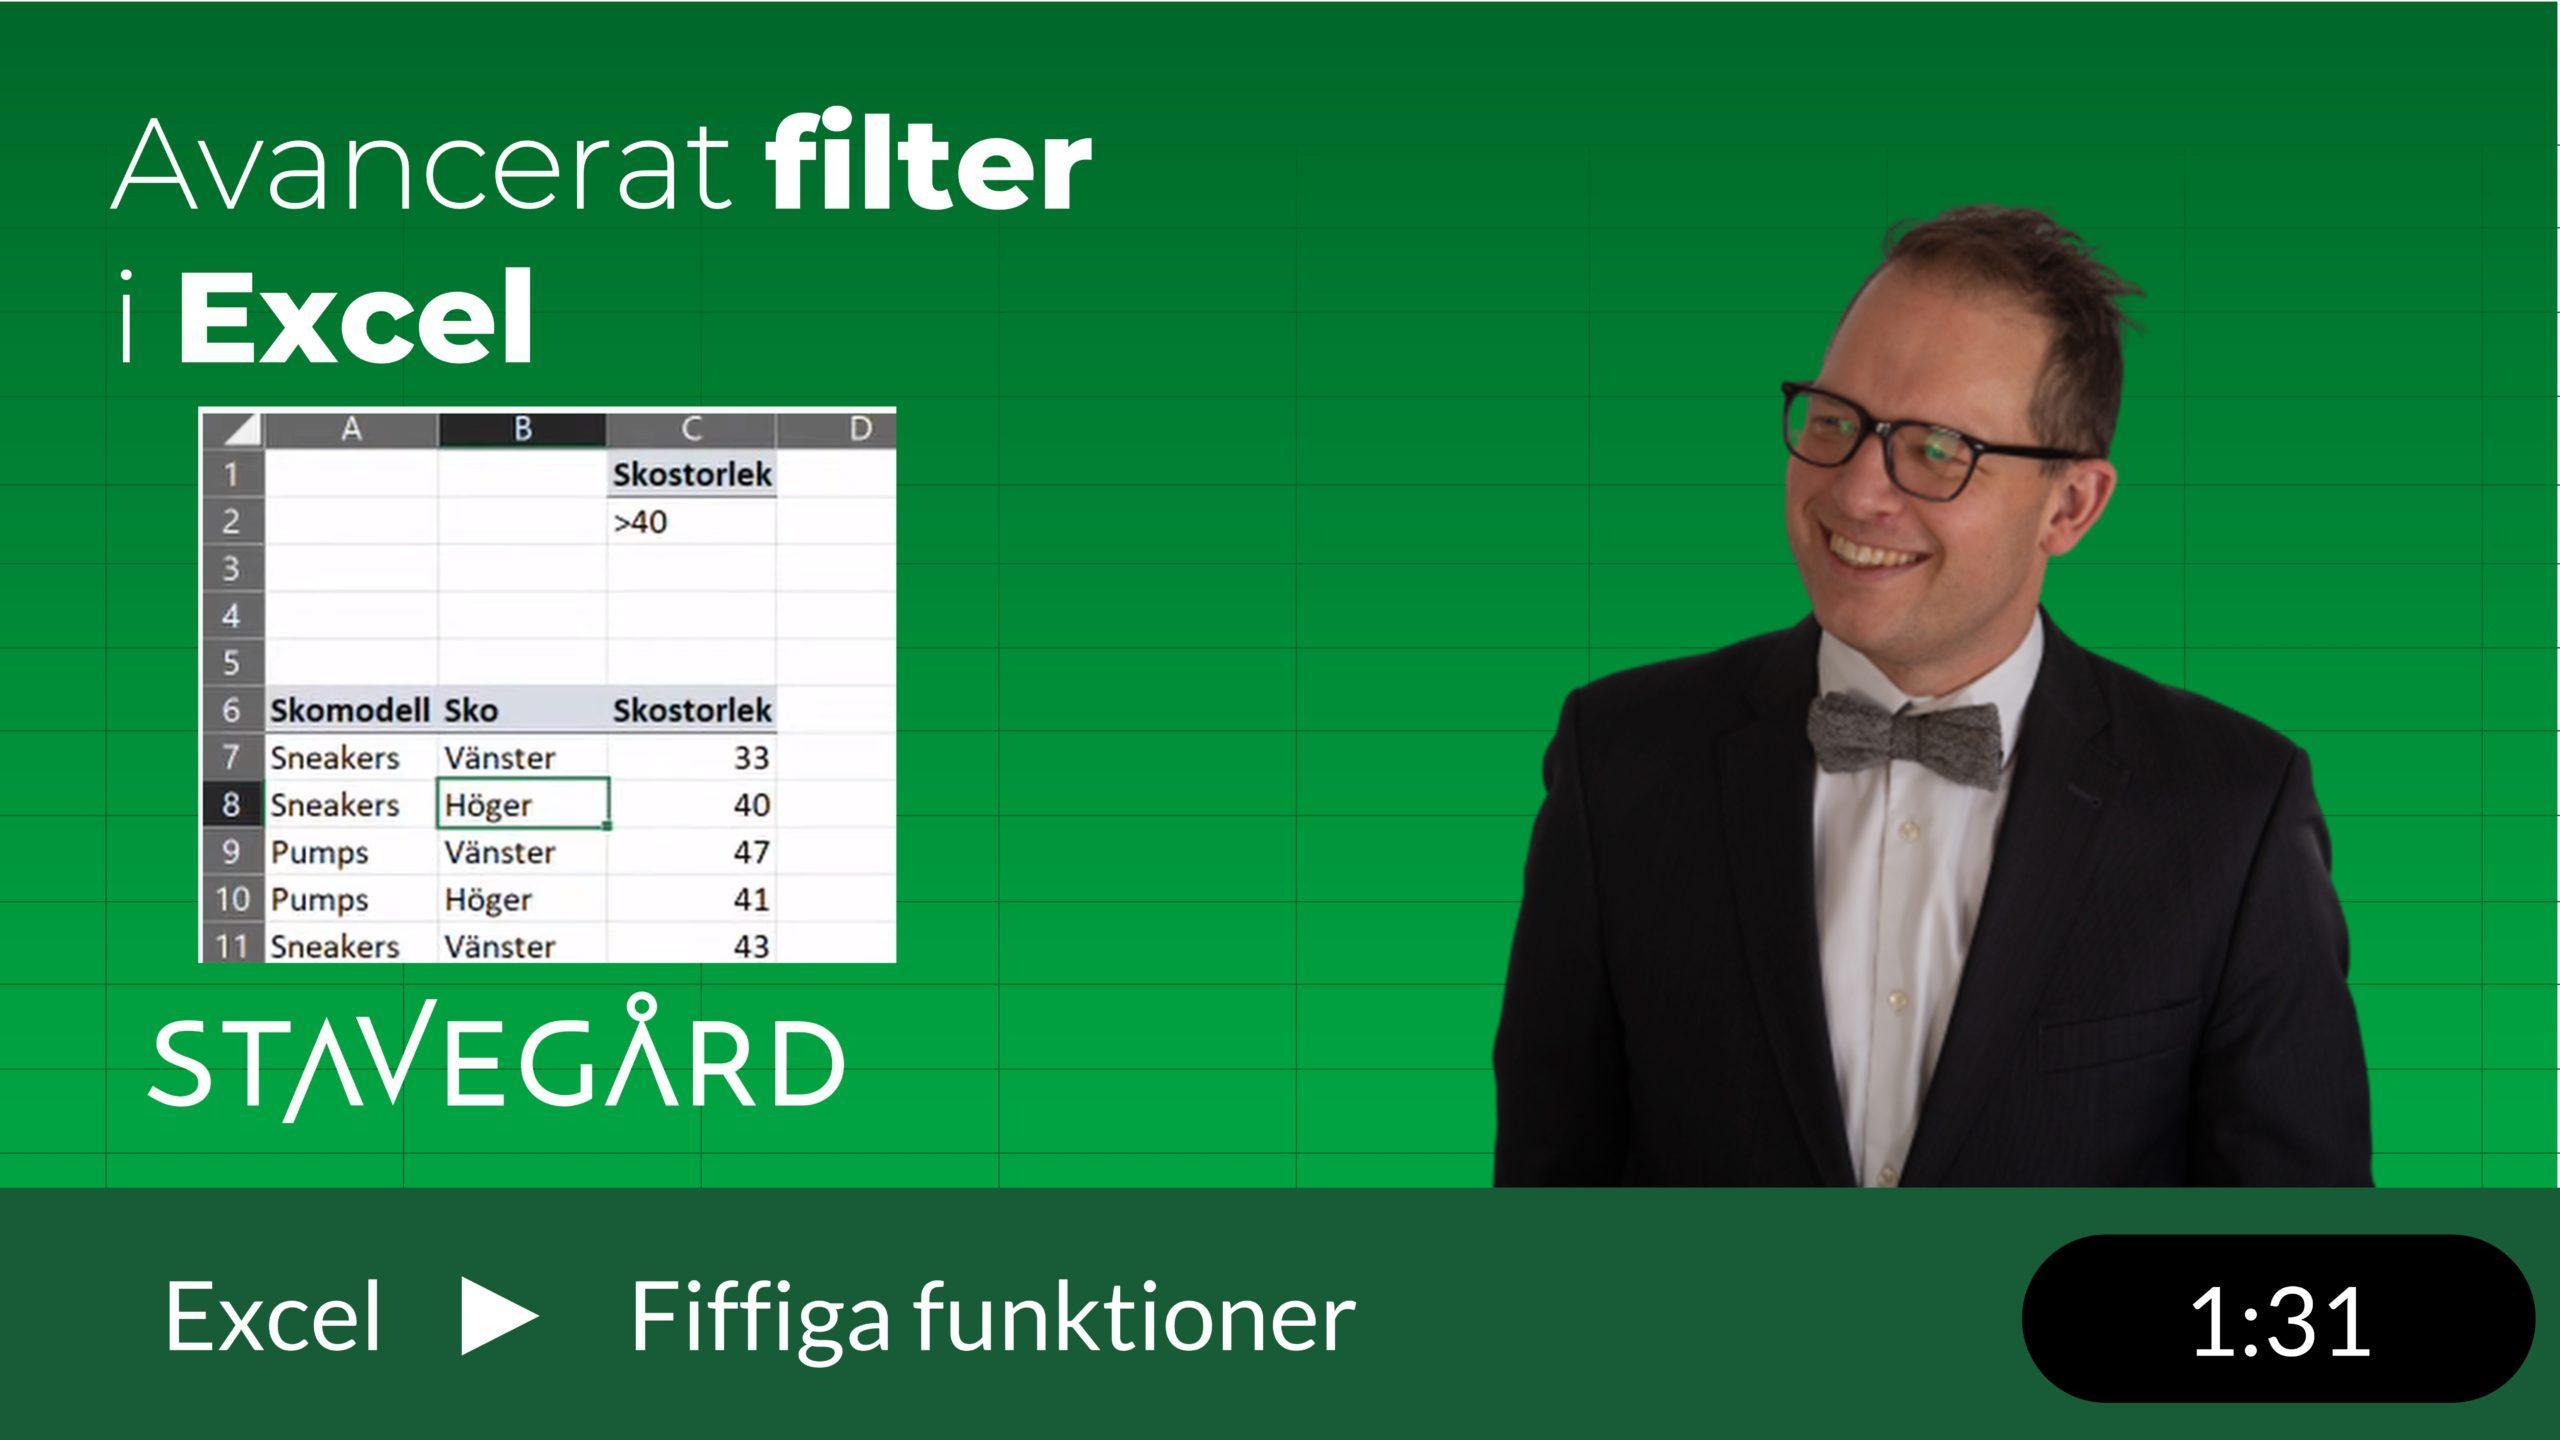 Avancerat filter